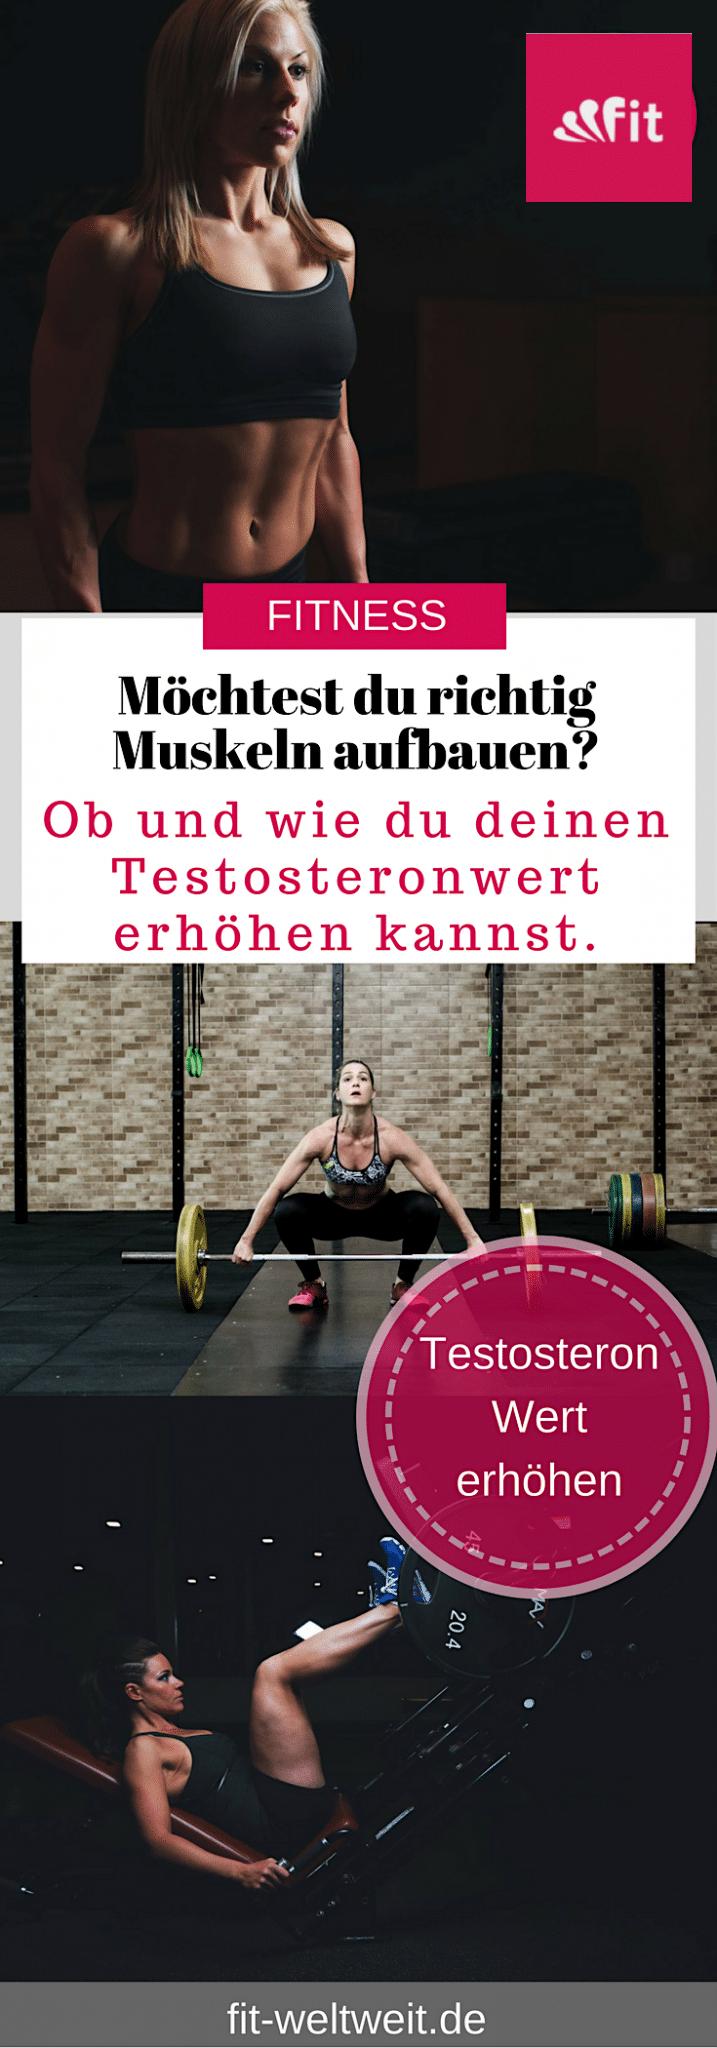 Testosteron ist immer ein gern diskutiertes Thema, oft hört man Leute darüber sprechen. Besonders die Wirkung bei der Frau und beim Mann. Höheres Testosteron: Wie du deinen Testosteronwert #natürlich #erhöhen kannst. #Testosteron als #Frau steigern mit welchen Lebensmitteln. Oder solltest du deinen Überschuss senken? Testosteron natürlich erhöhen Frau. Alle Infos auf dem Blog. #Testosteron #Wert #Frauen